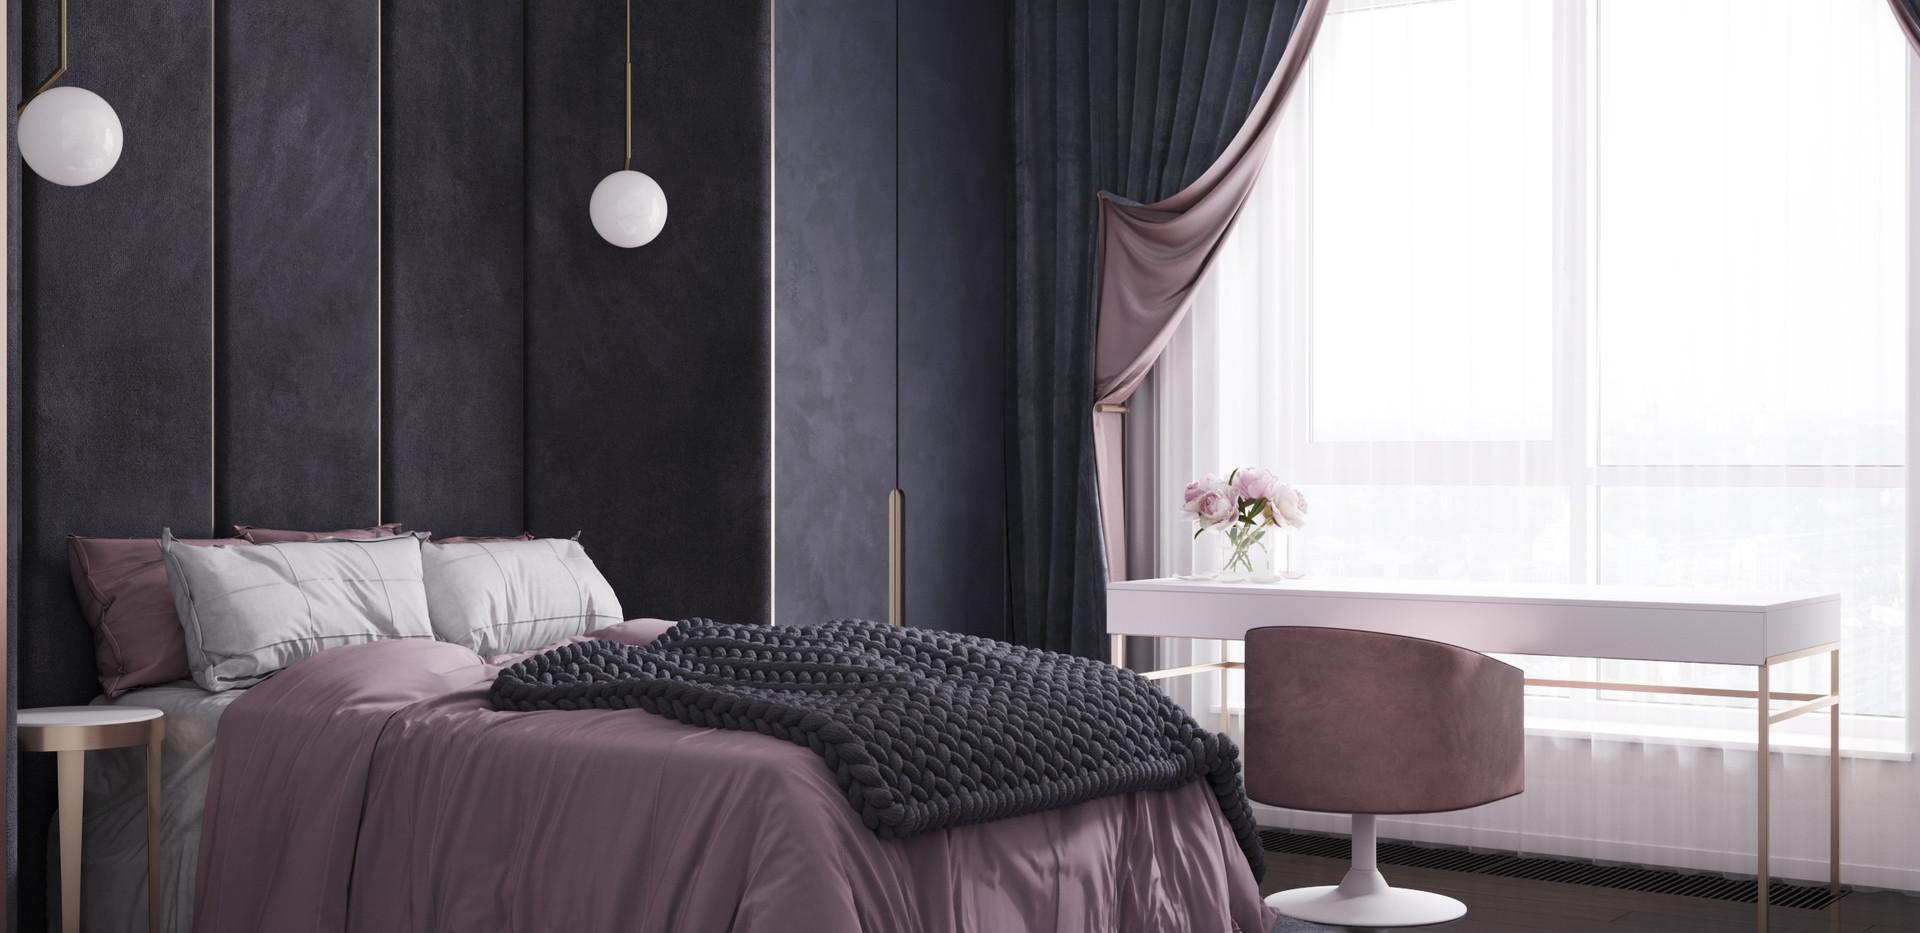 181.2019.001_Bedroom_girl9_Cam1 (2).jpg